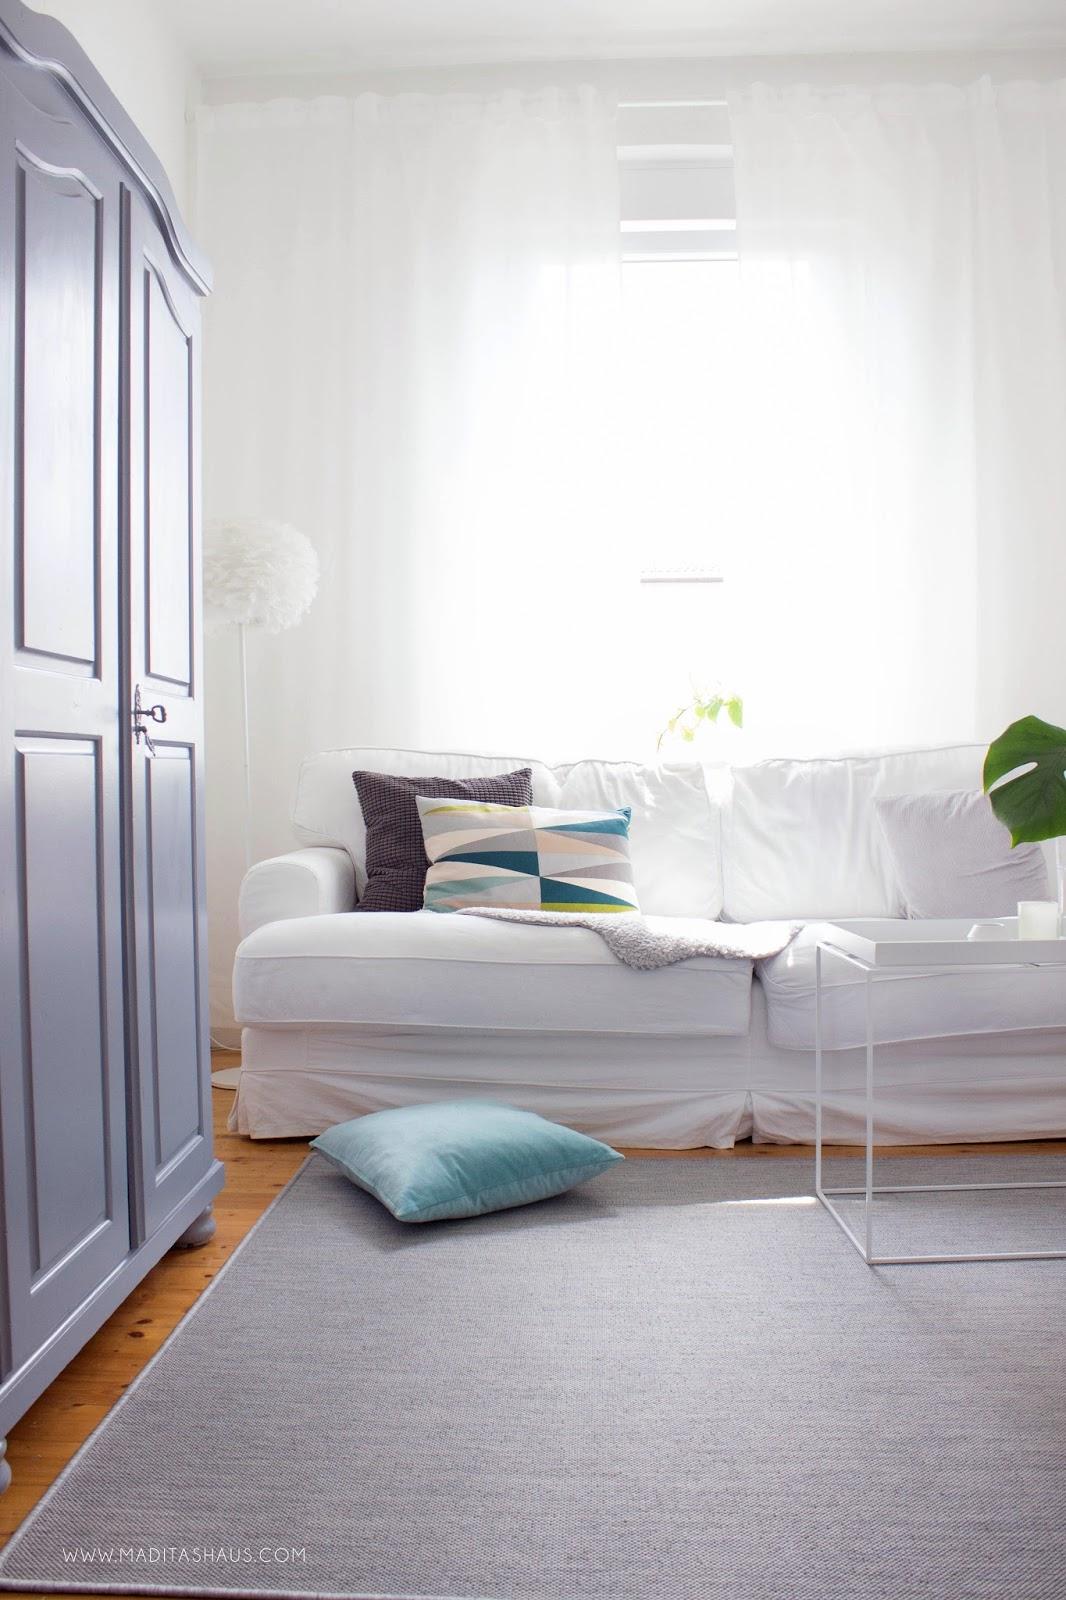 kleines wohnzimmer entspannt einrichten meine wohnver nderungen maditas haus lifestyle und. Black Bedroom Furniture Sets. Home Design Ideas